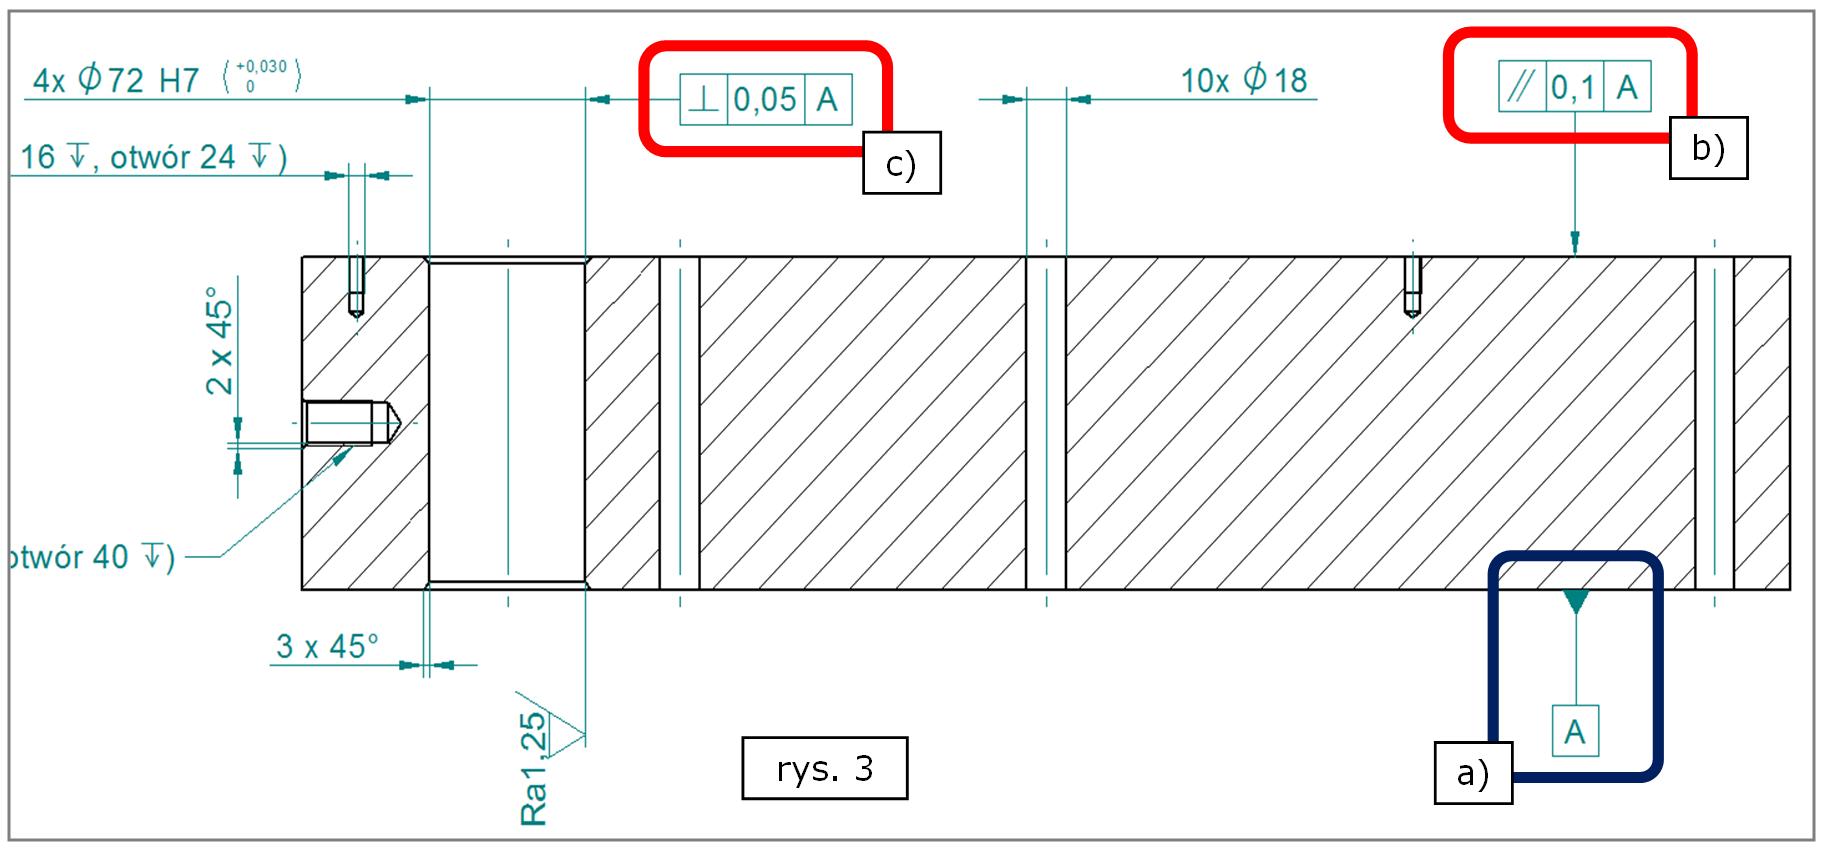 Oznaczenia tolerancji położenia zlinkowane z bazą pomiarową w SOLID EDGE ST7